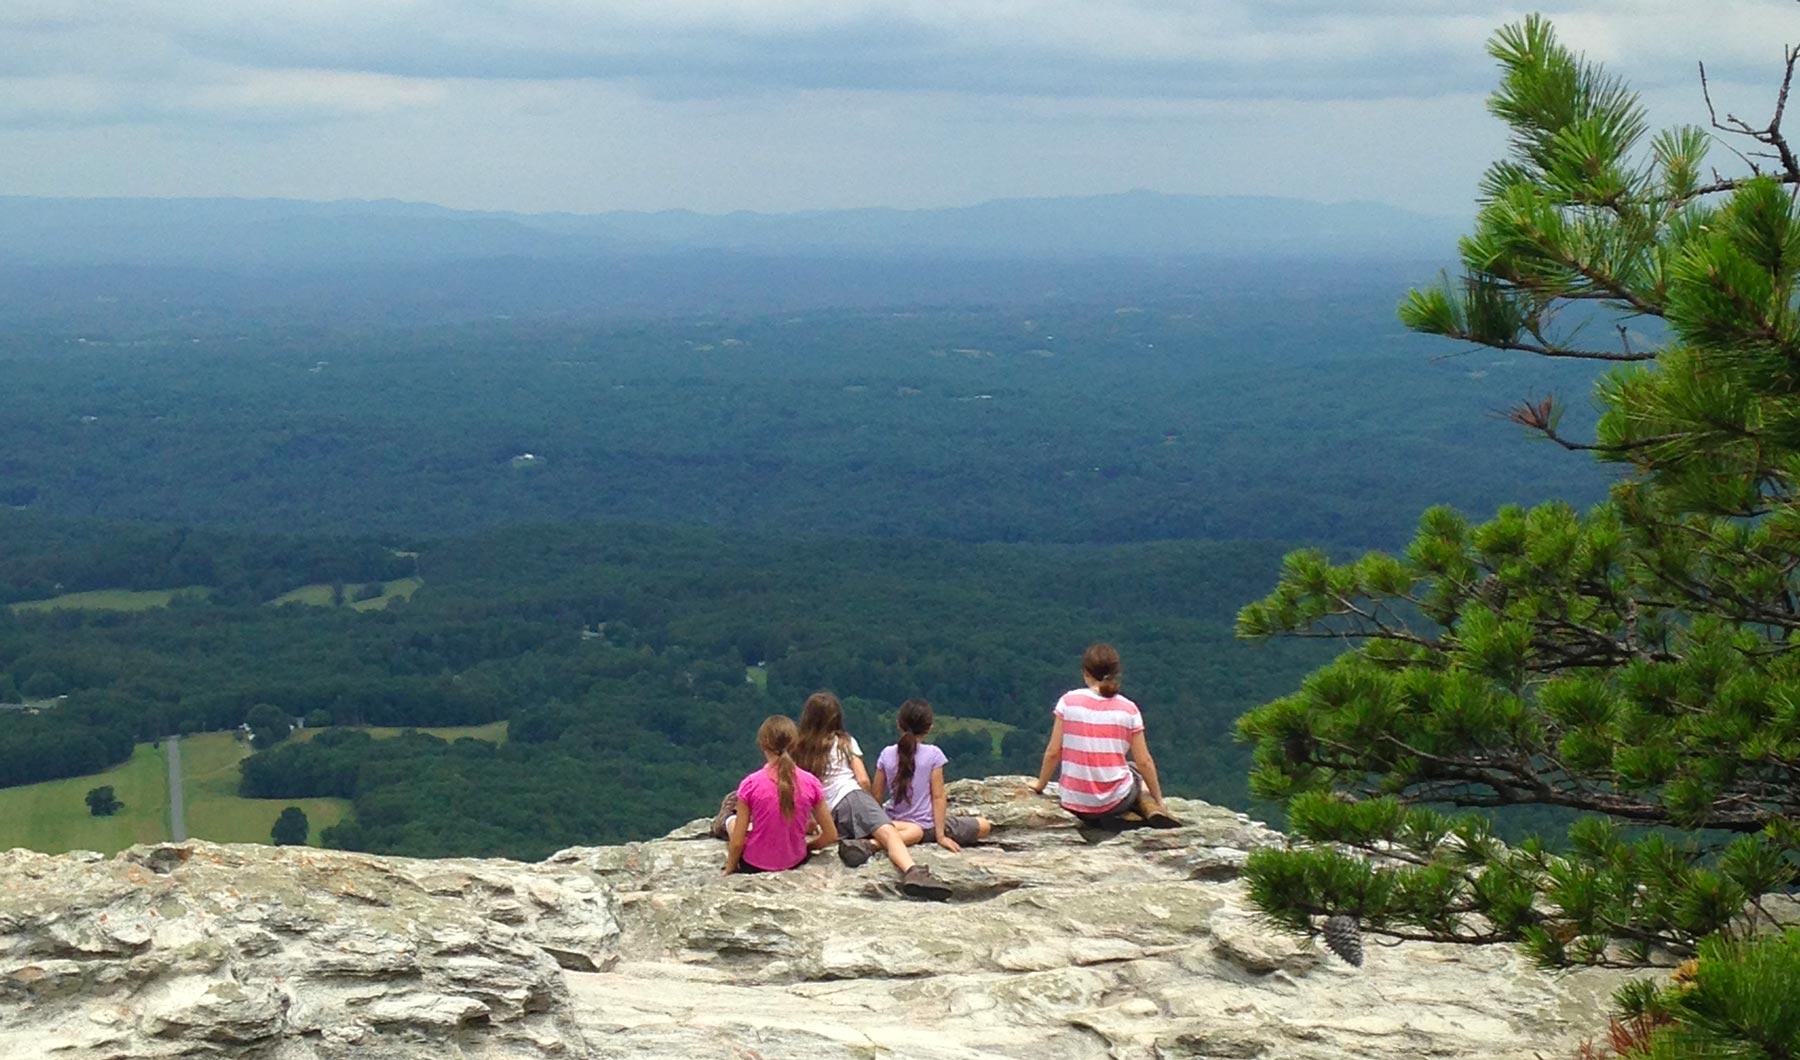 Four girls at pinnacle in Hanging Rock State Park, North Carolina